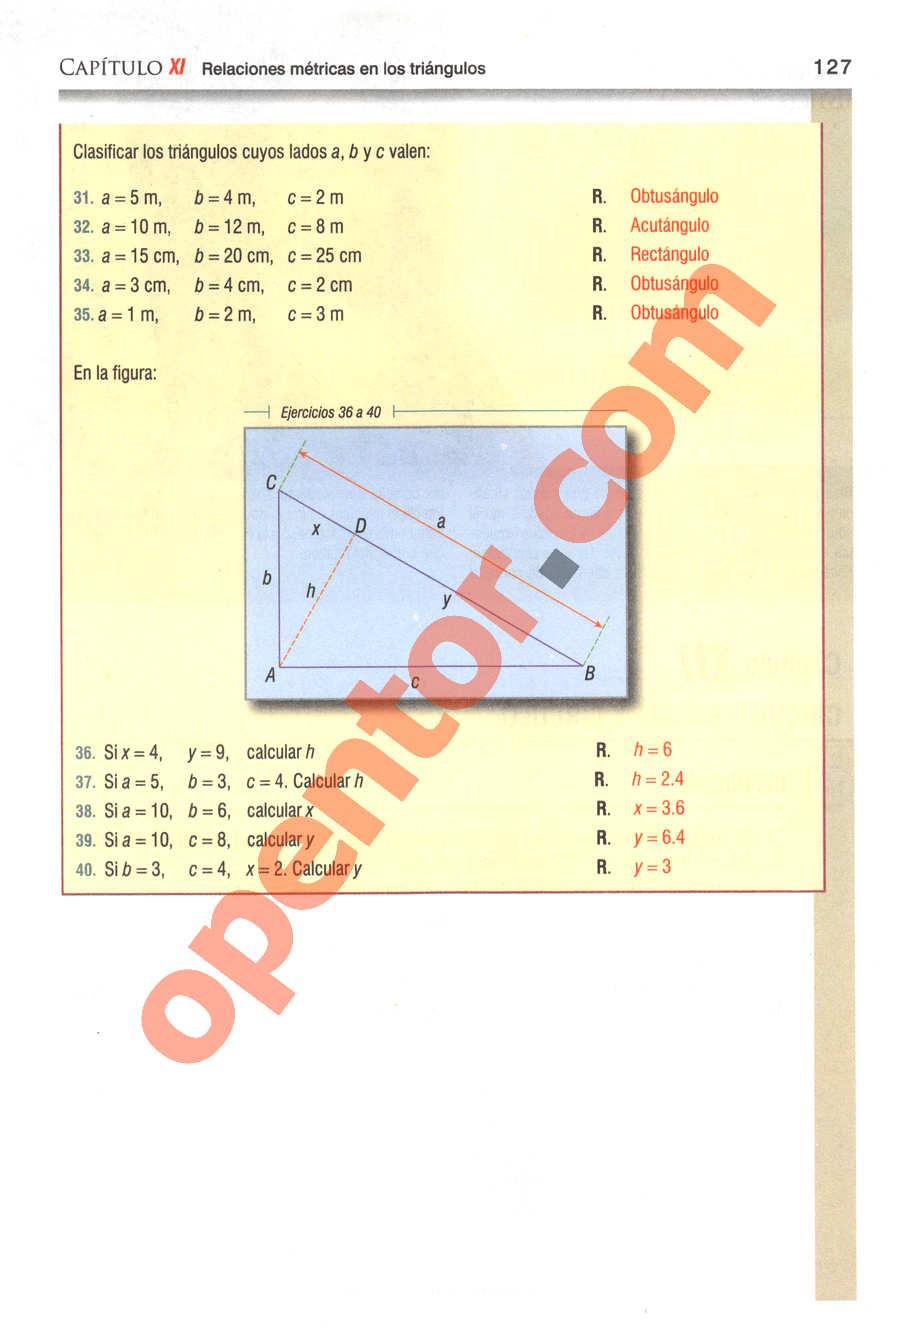 Geometría y Trigonometría de Baldor - Página 127